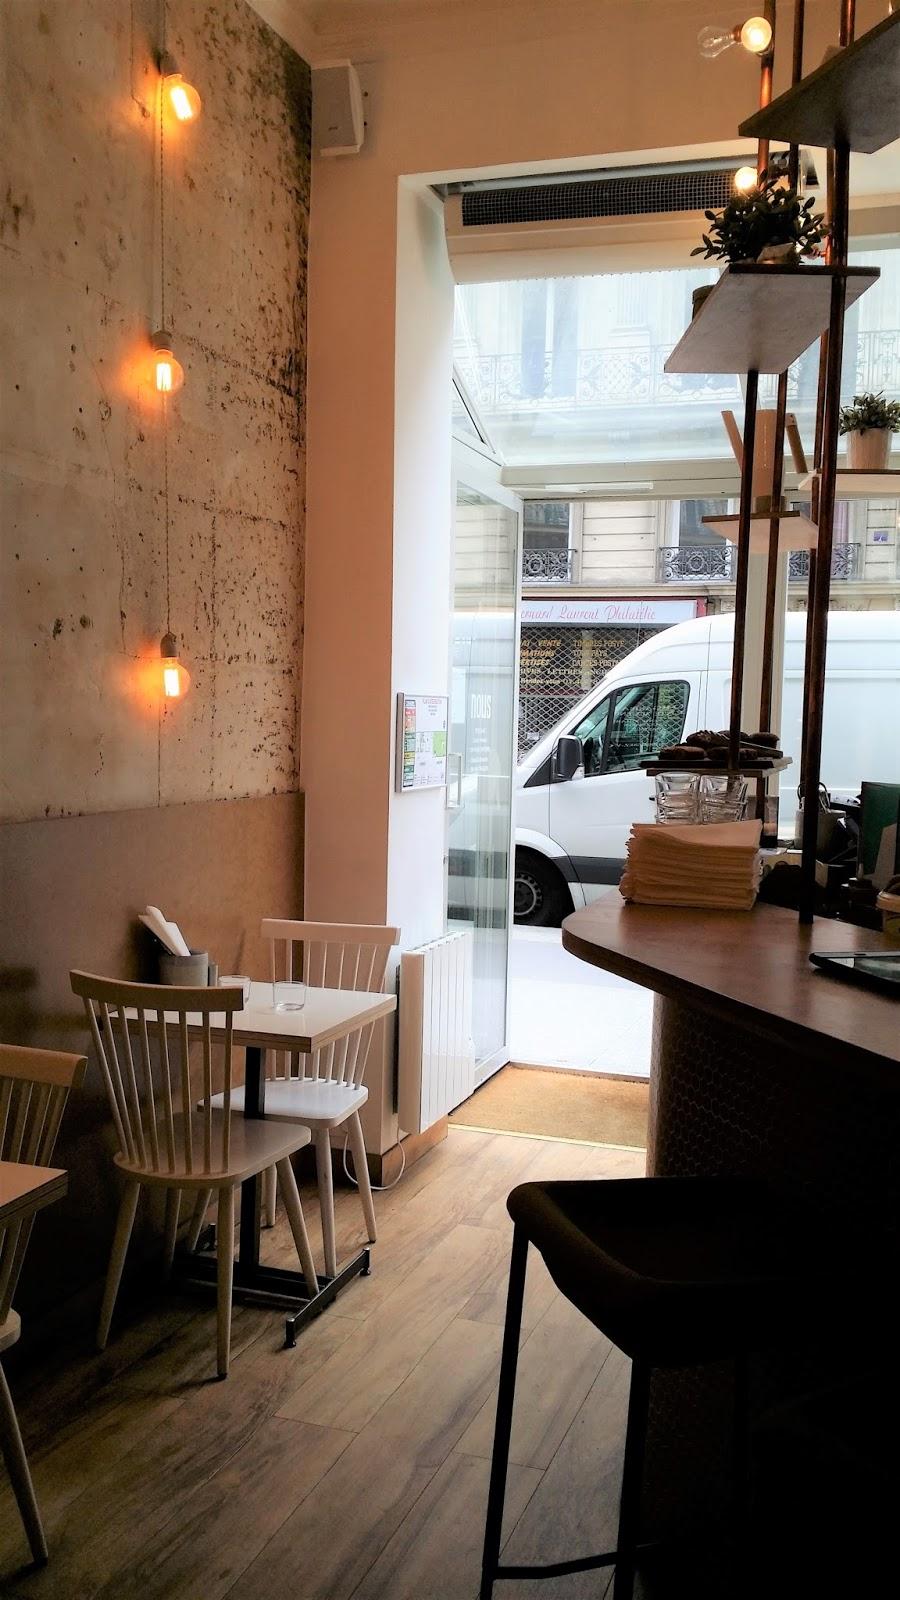 bonne adresse nous paris ch teaudun restaurant healthy une demoiselle paris blog. Black Bedroom Furniture Sets. Home Design Ideas